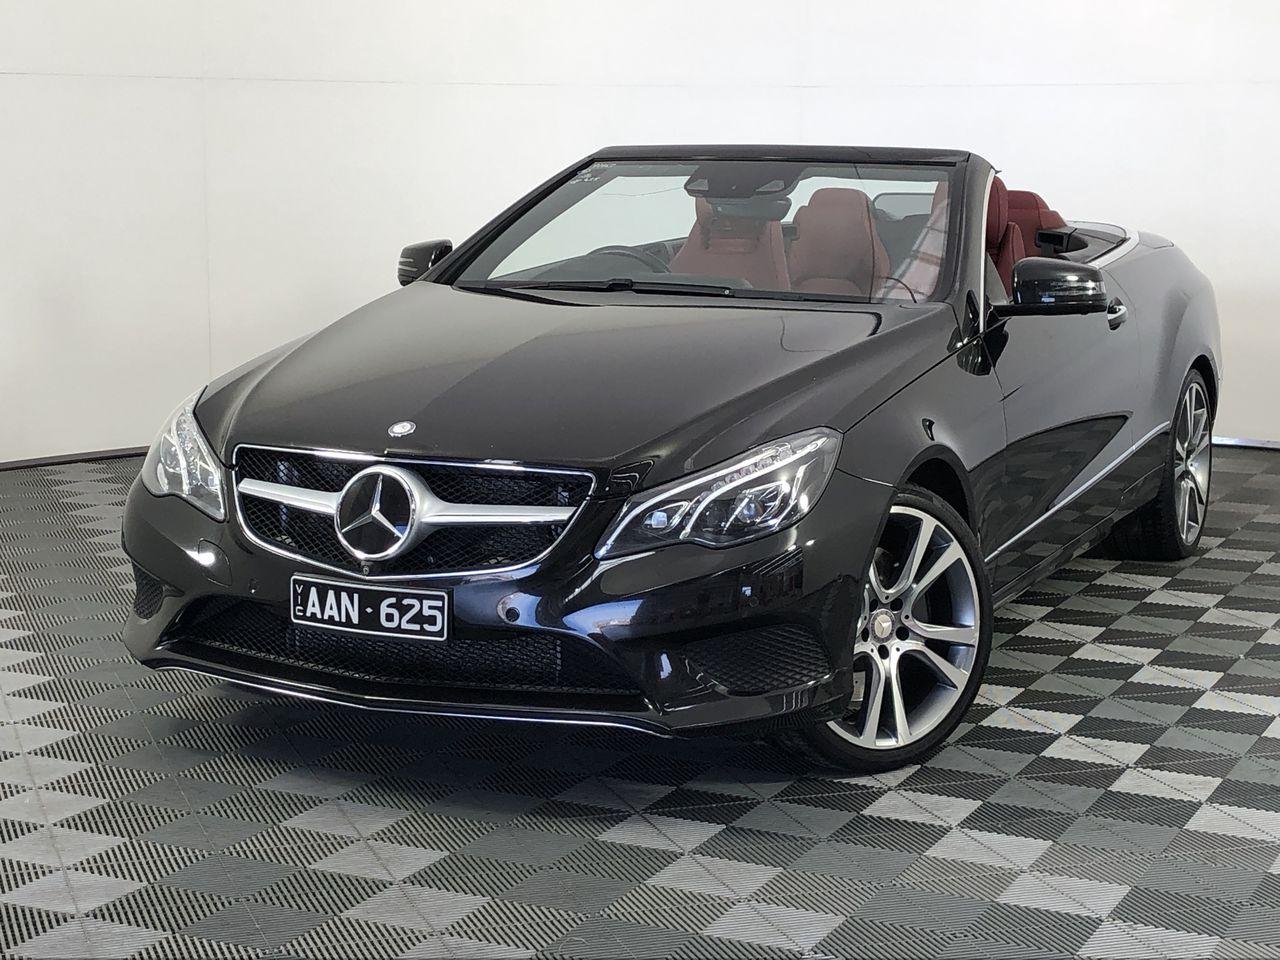 2013 Mercedes Benz E-CLASS E400 A207 Automatic Convertible